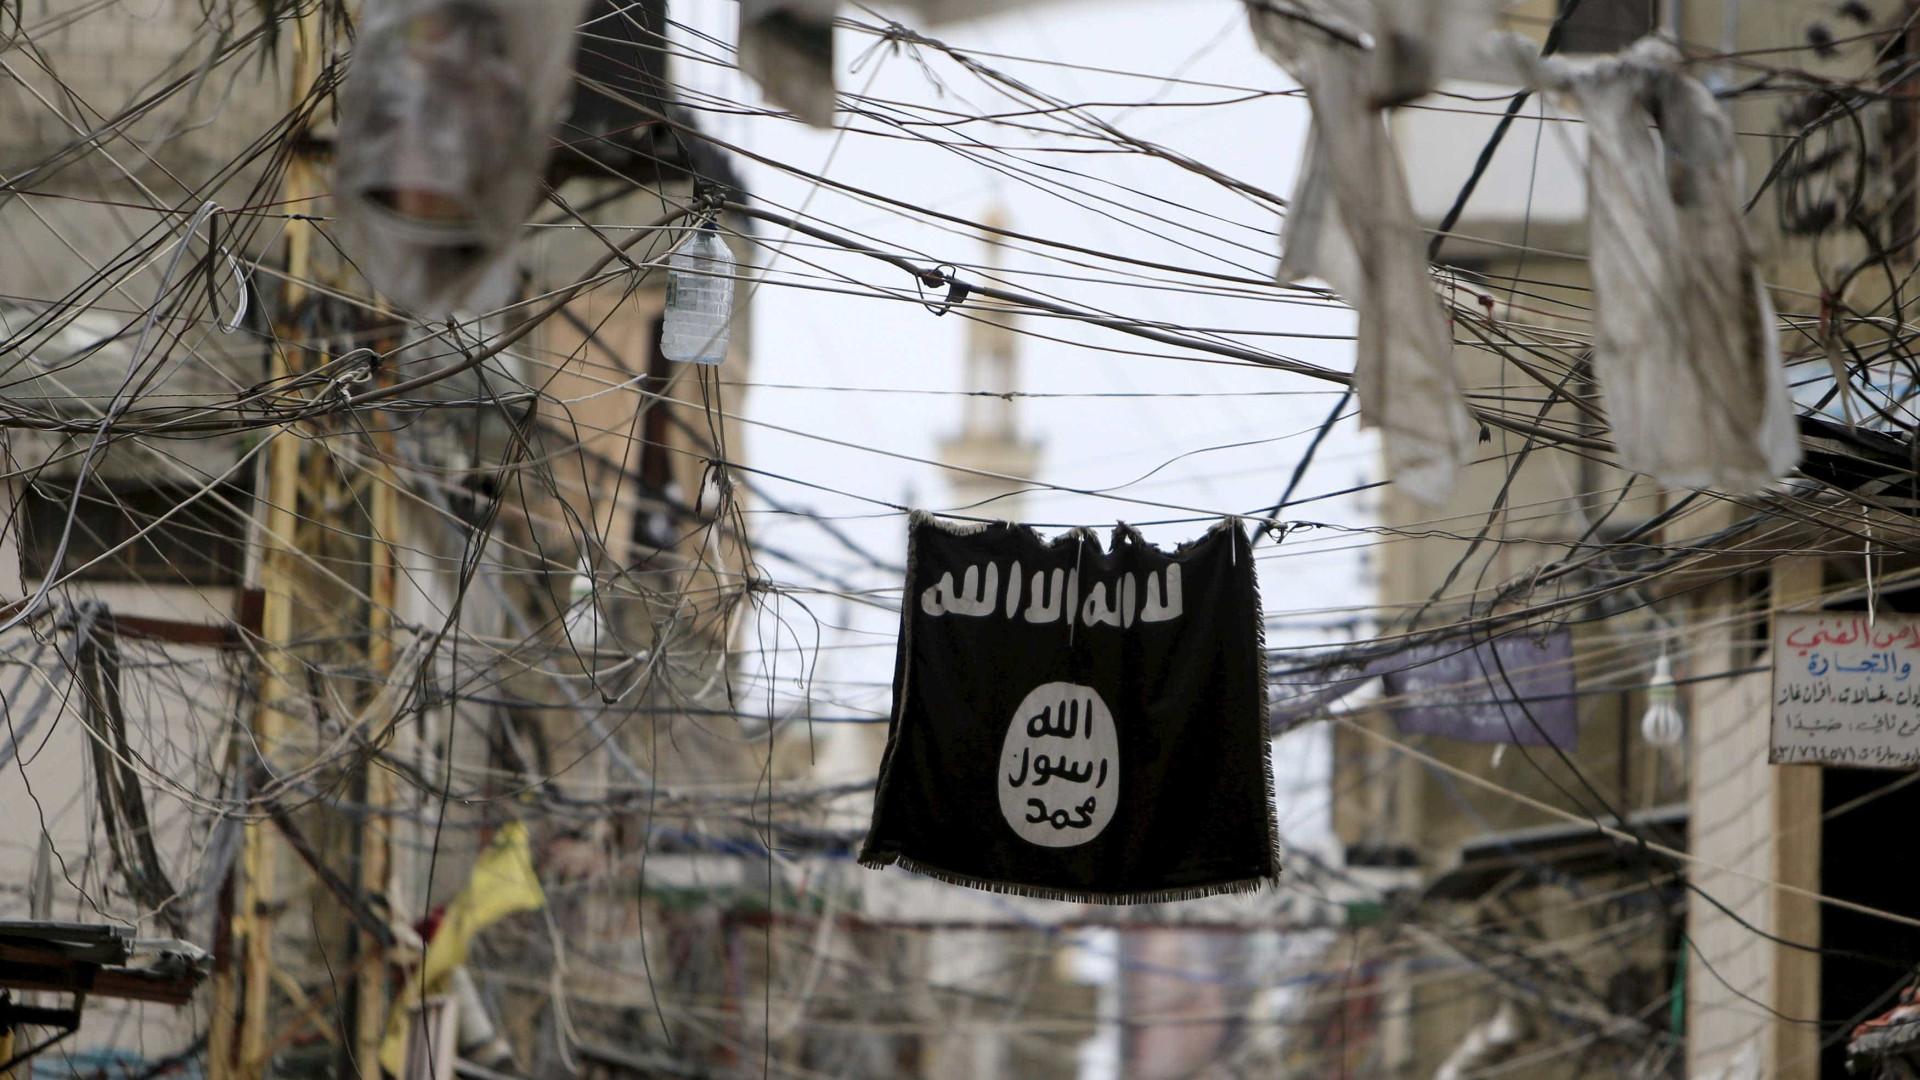 Estado Islâmico pede retaliação a ataque  contra mesquita em Londres